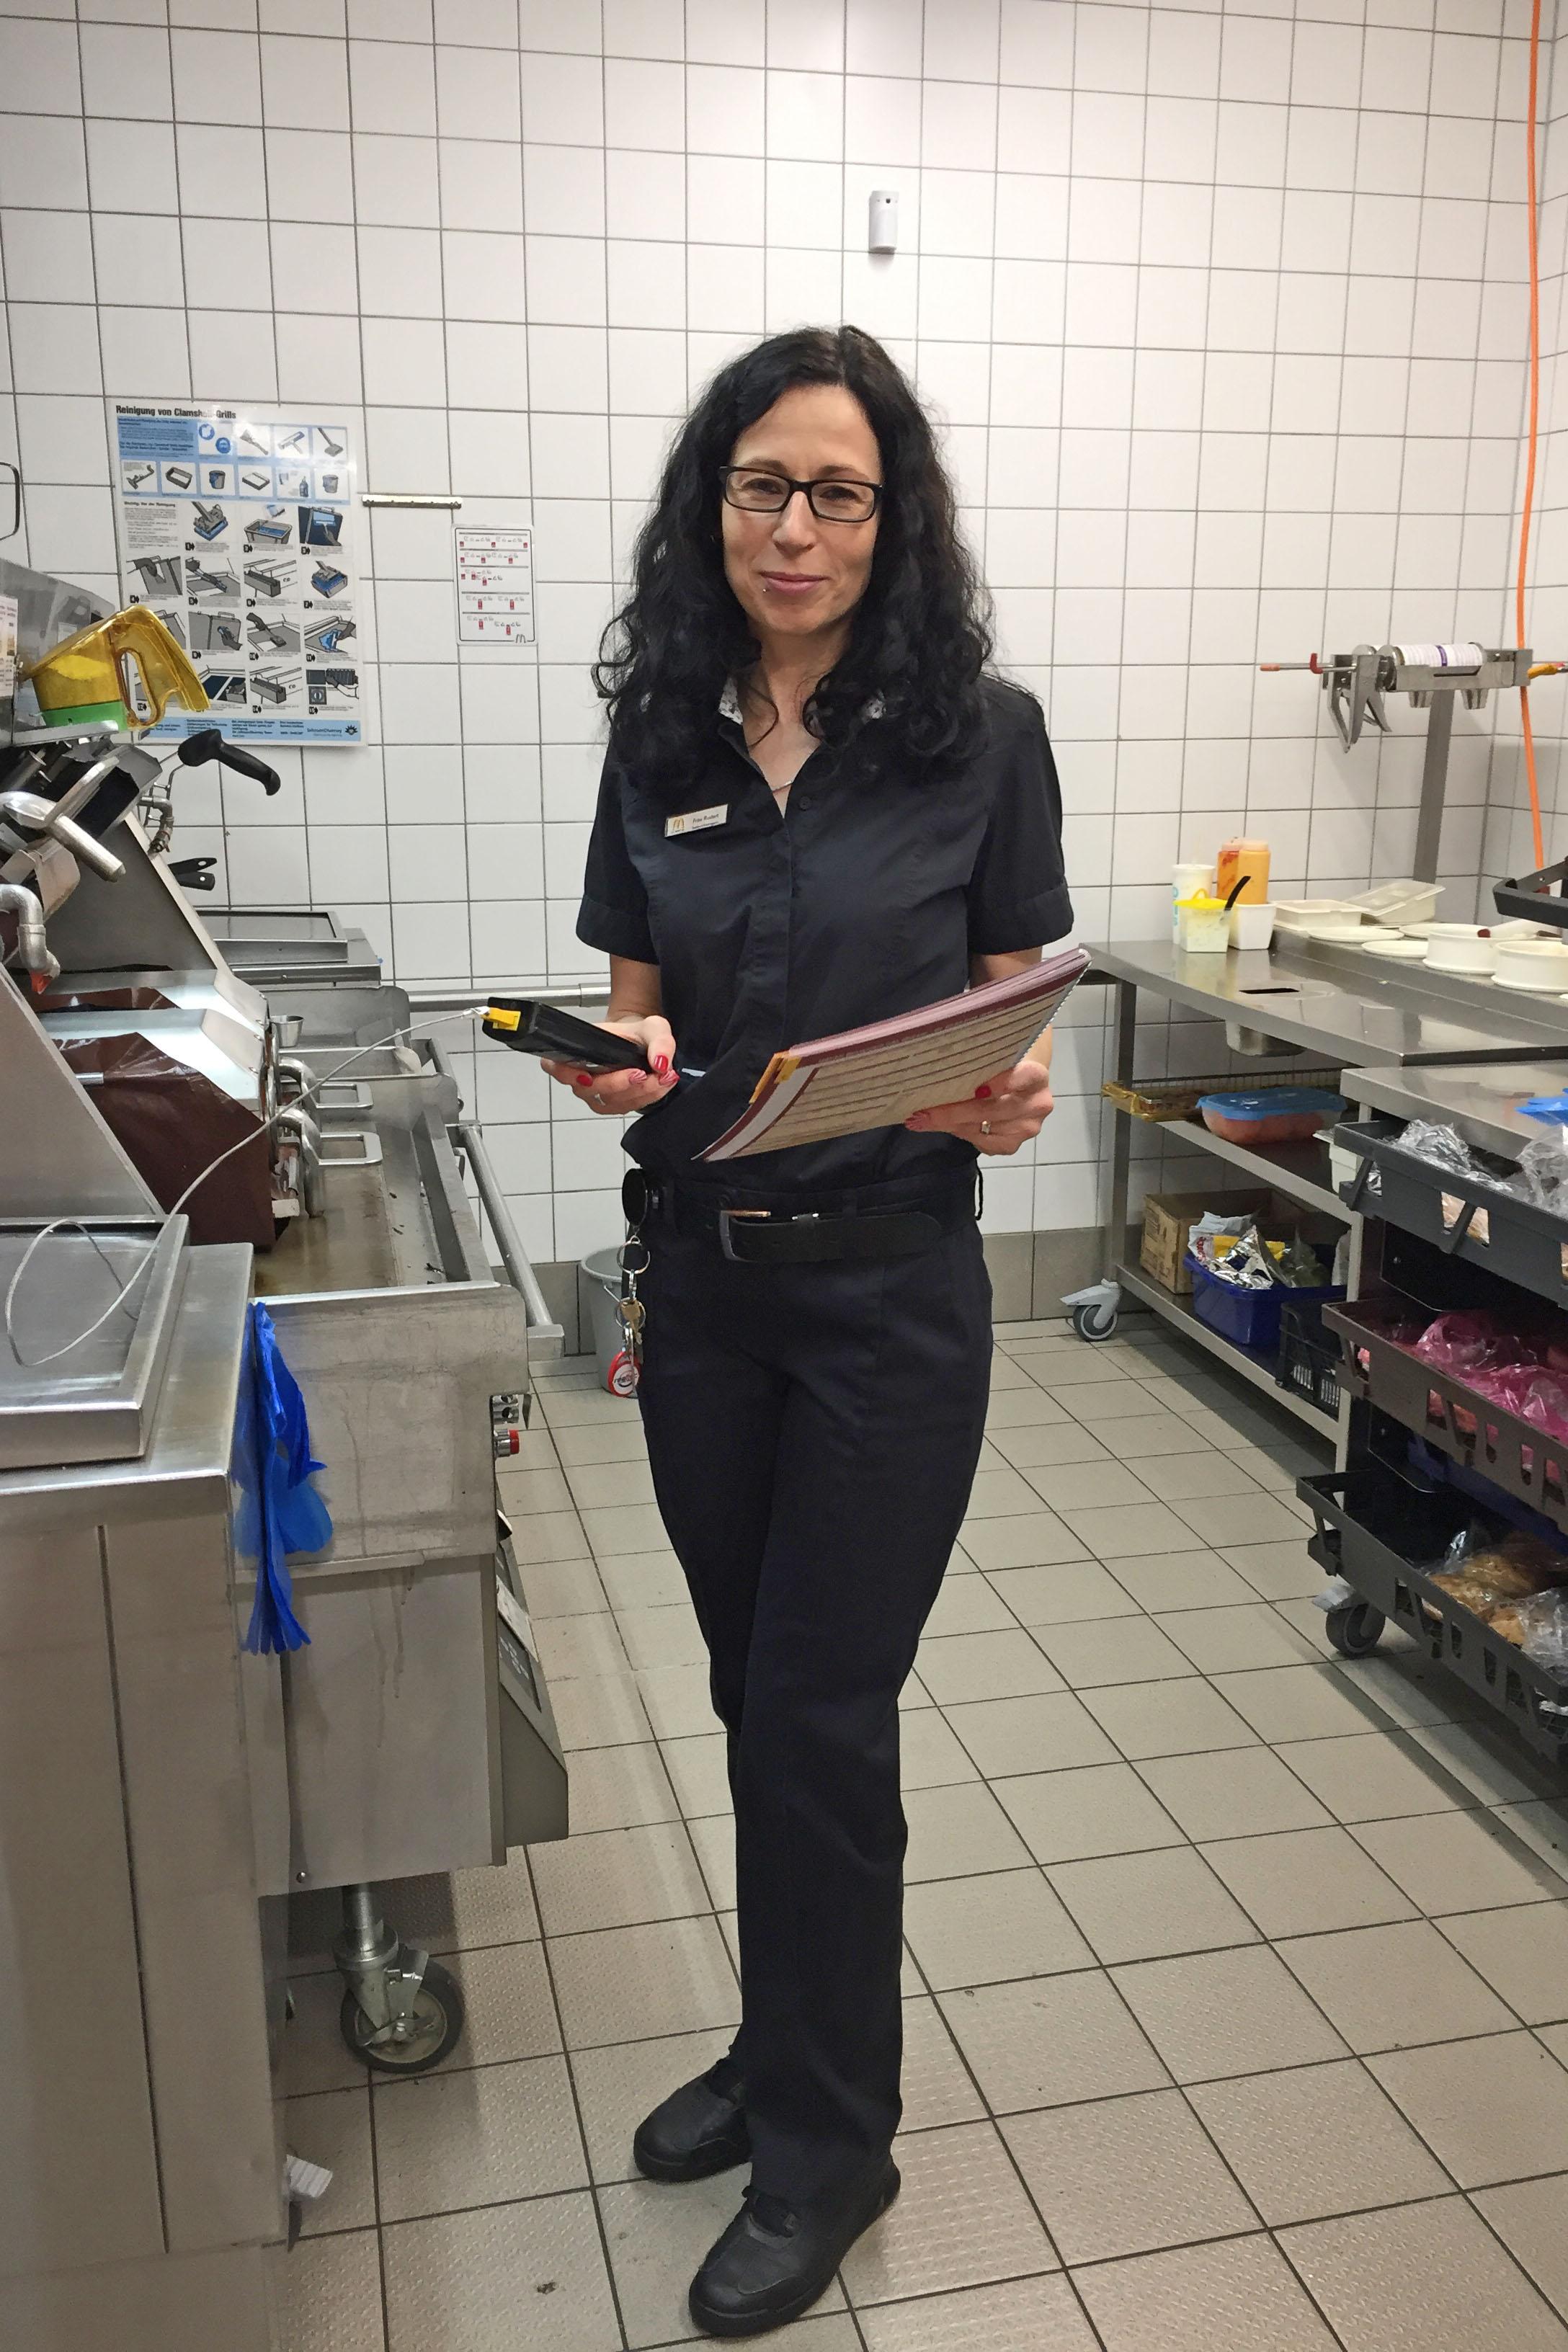 Heike Rudert war vor 20 Jahren eine der ersten Auszubildenden im Beruf Fachmann-/frau für Systemgastronomie. Heute leitet sie eine eigene McDonald's-Filiale.